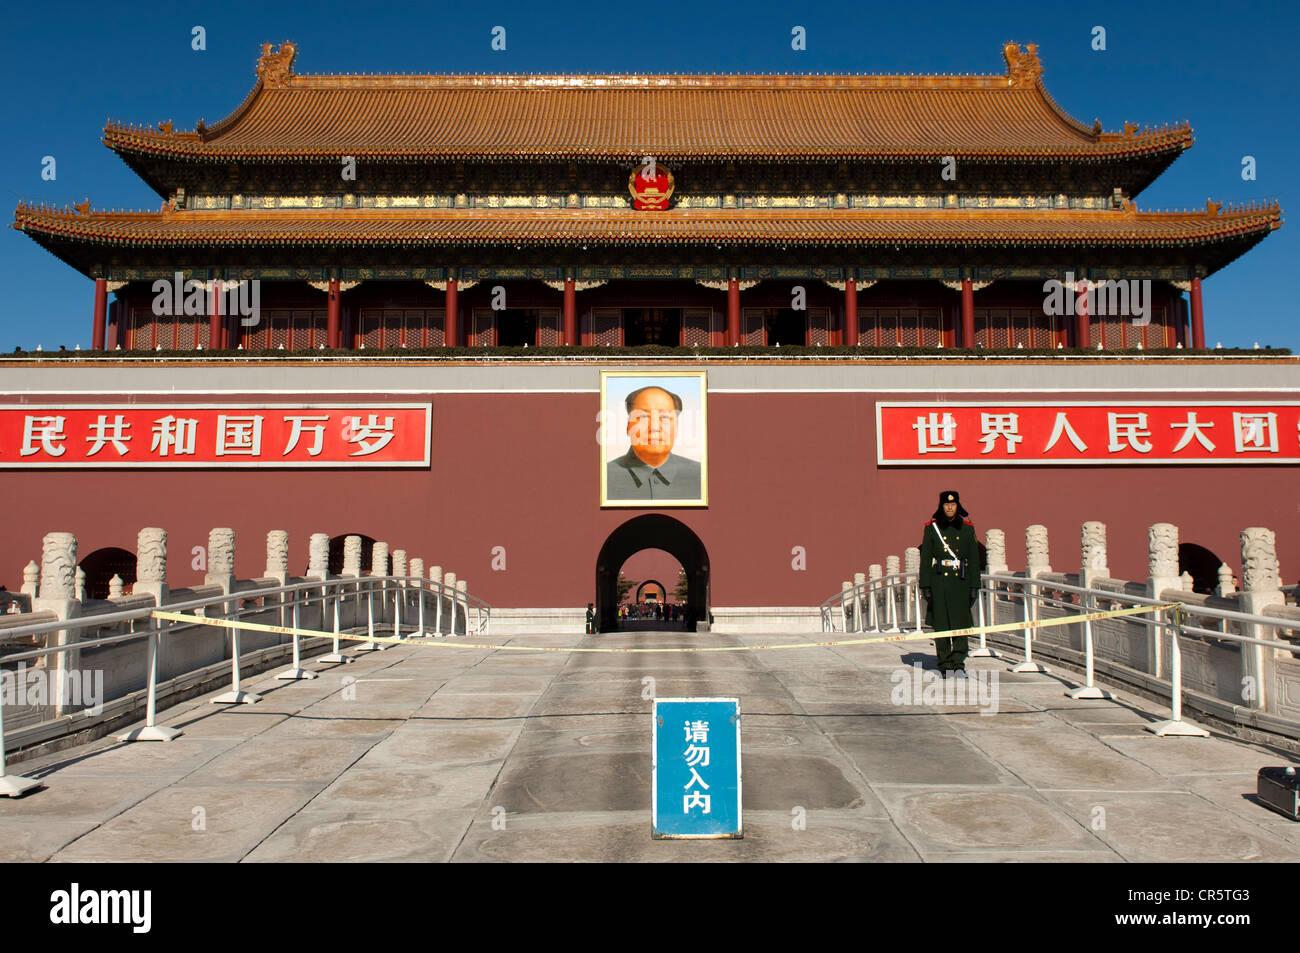 La garde à la porte de la paix céleste à l'entrée de la Cité Interdite, la Place Tiananmen, Photo Stock